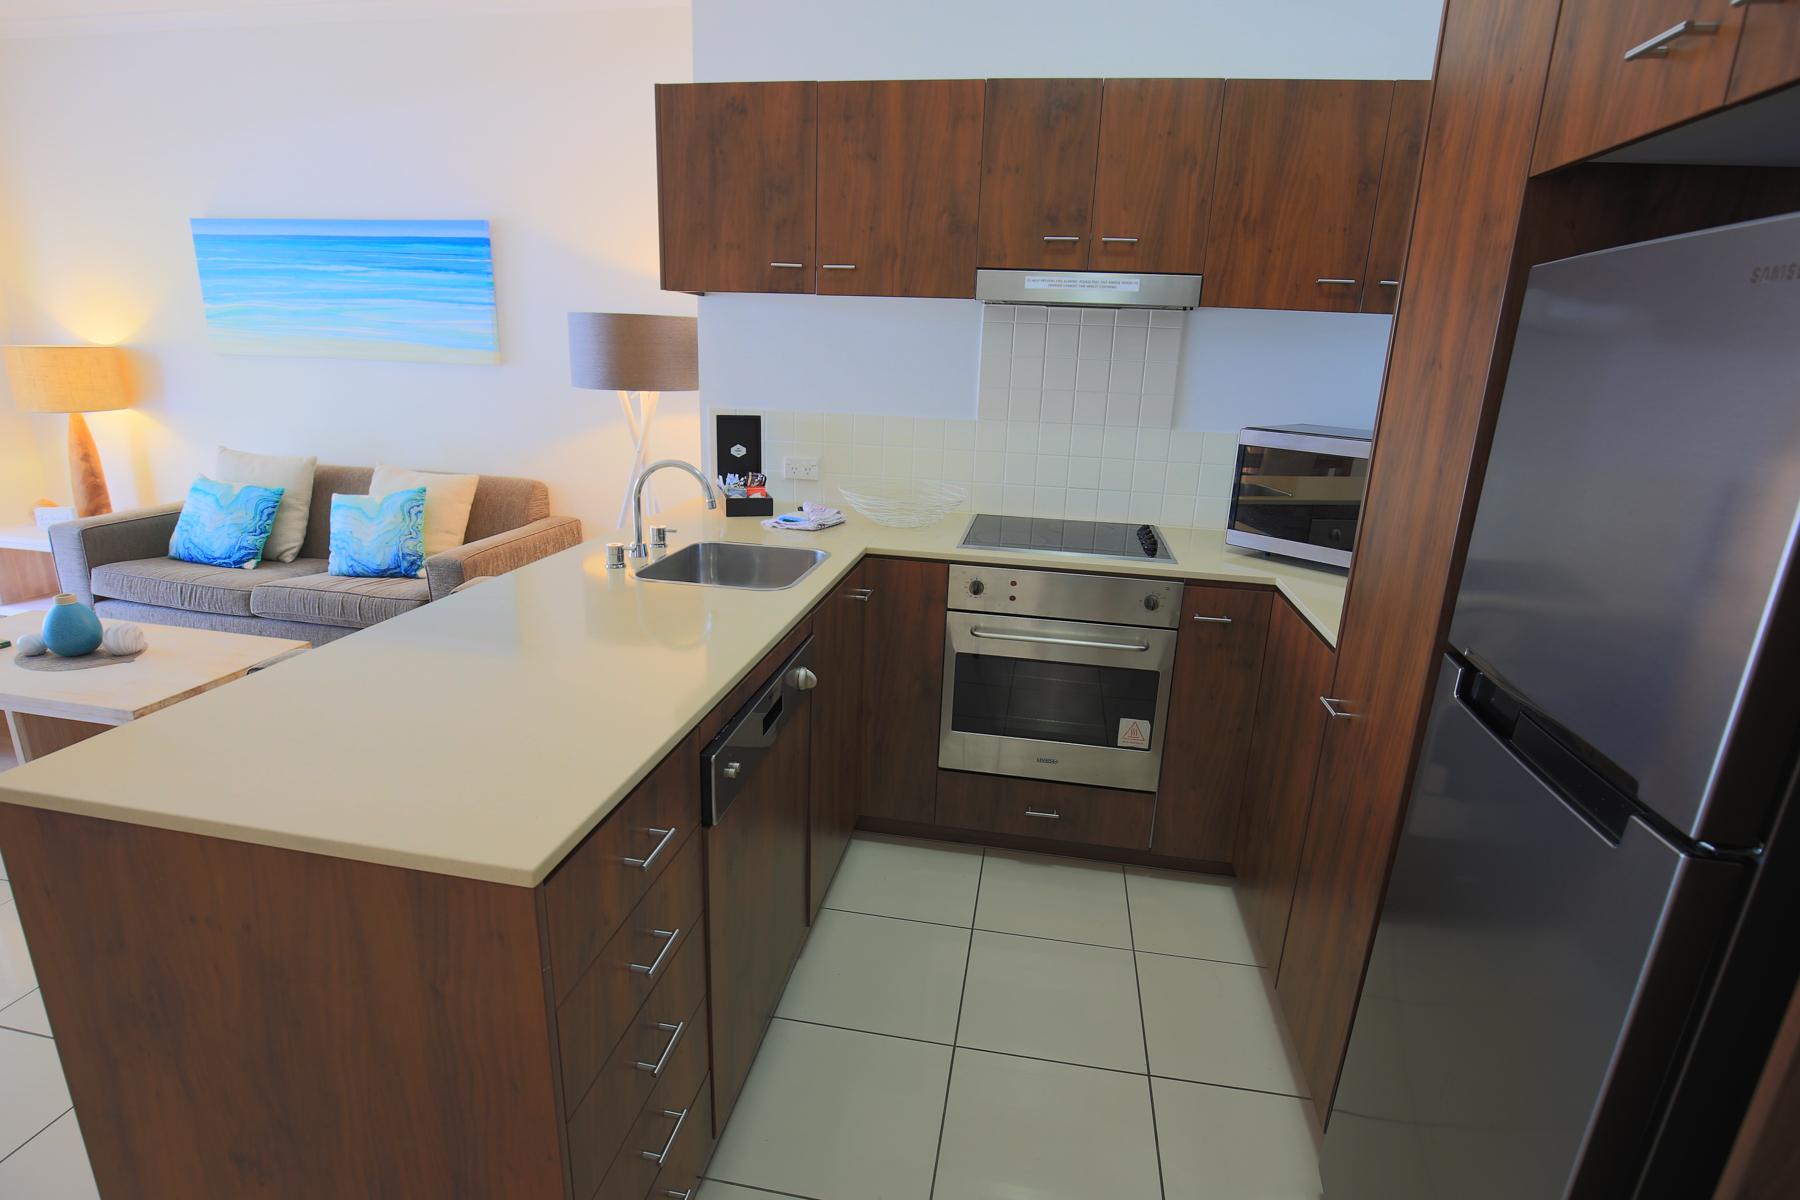 <p>キッチンにはIHコンロ、オーブン、電子レンジ、冷蔵庫などが揃う。</p>